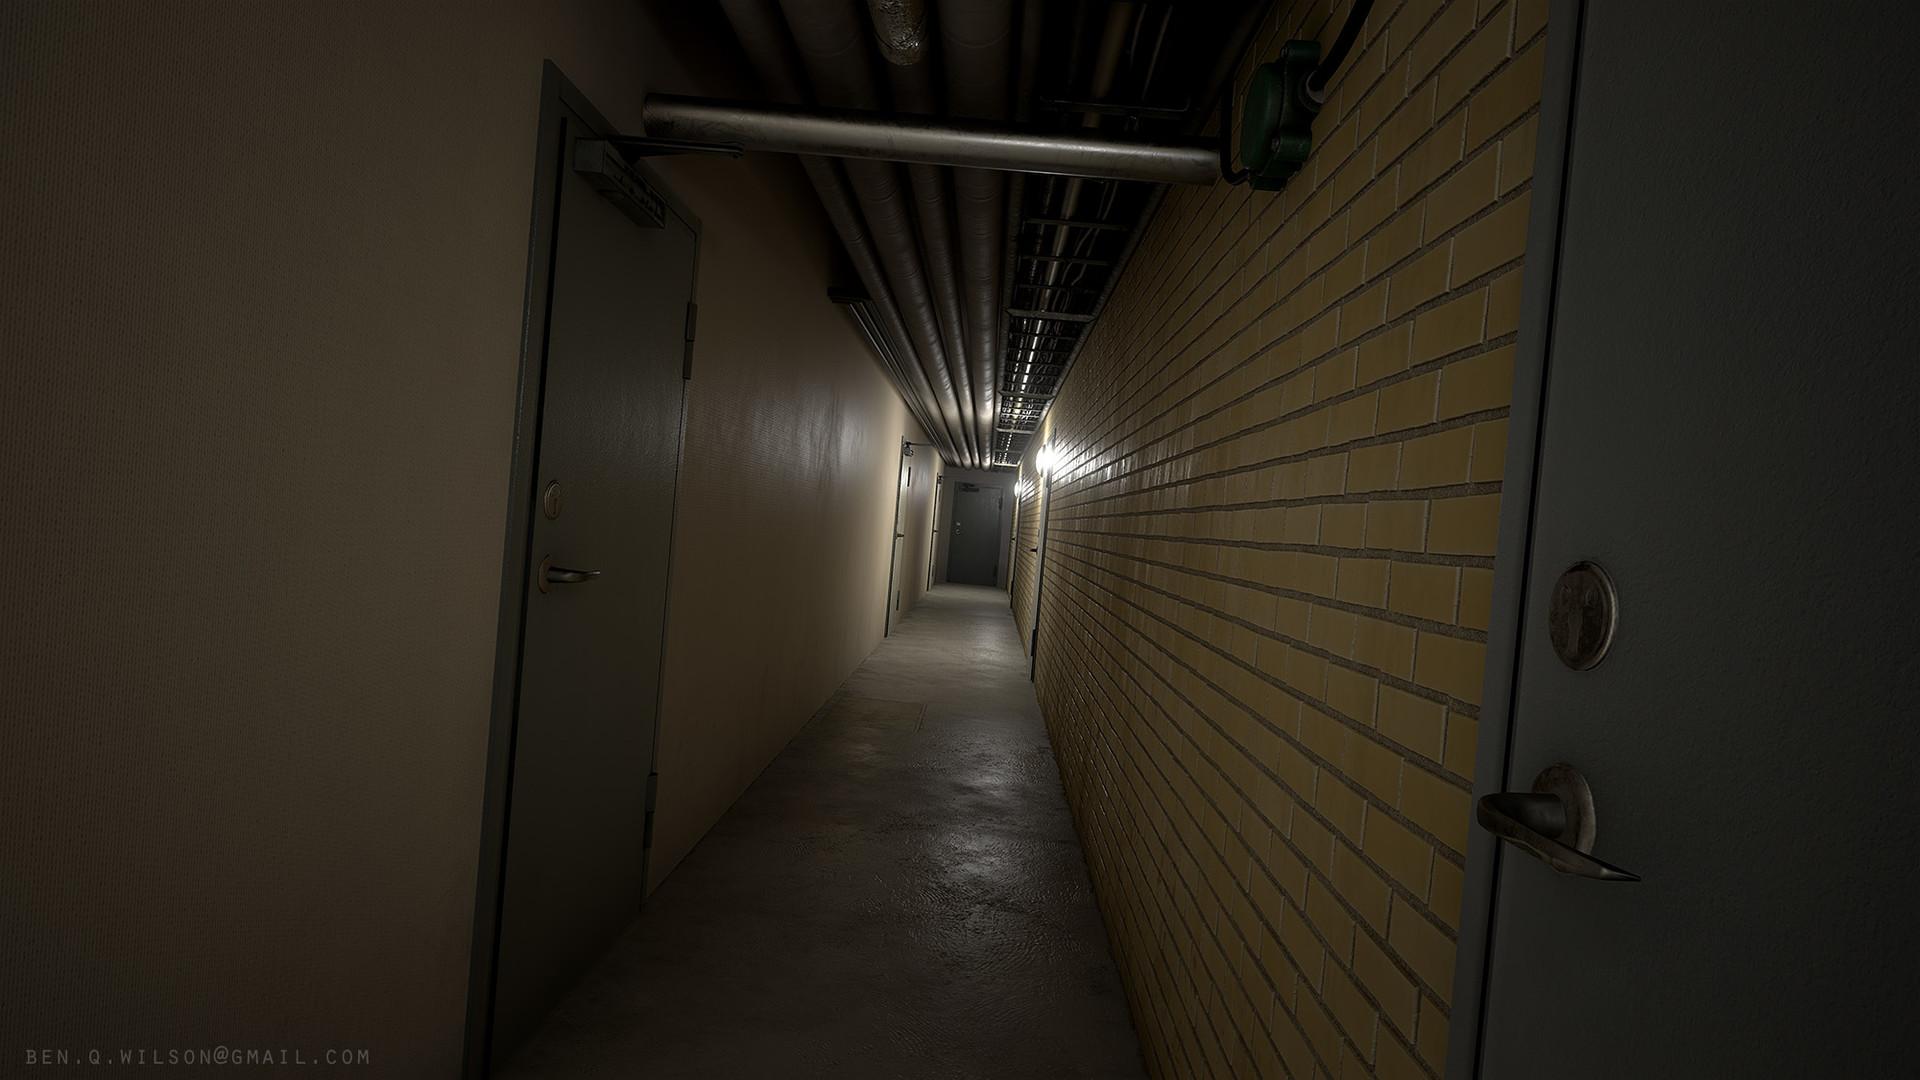 Ben wilson basement screen 02